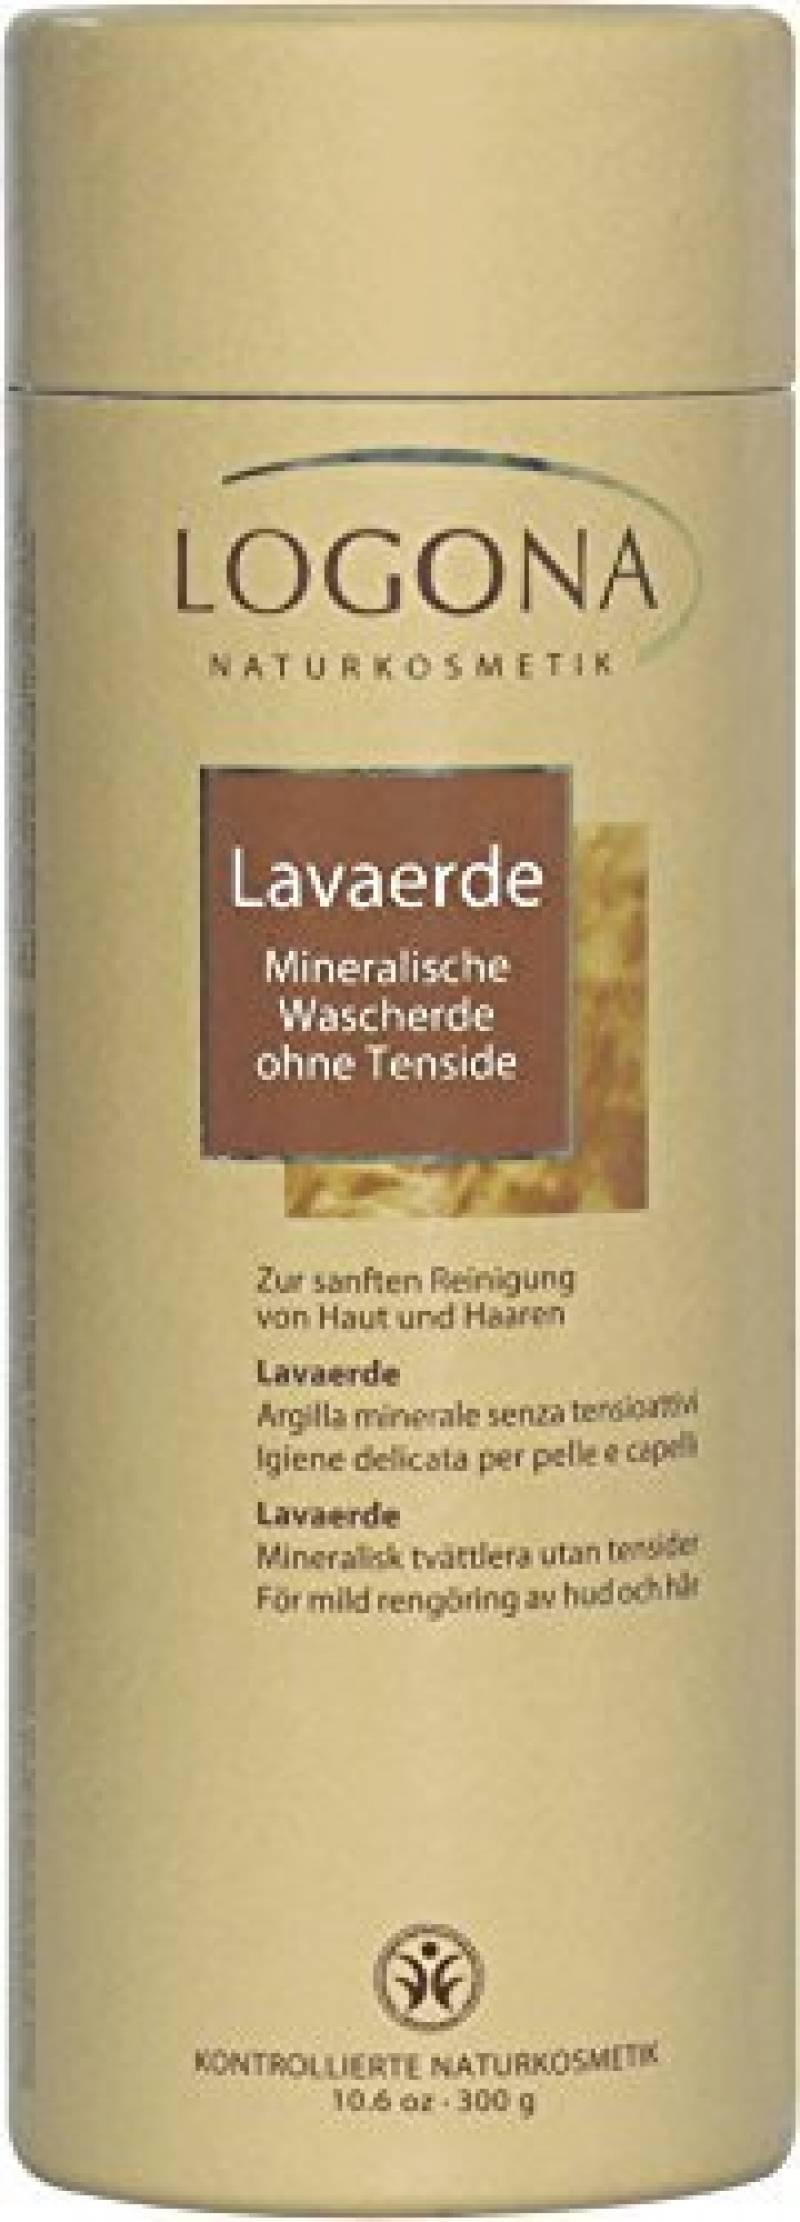 Logona - 1012po - Ghassoul - Soin et Beauté du Cheveu - Poudre - 300 g de la marque Logona TOP 1 image 0 produit